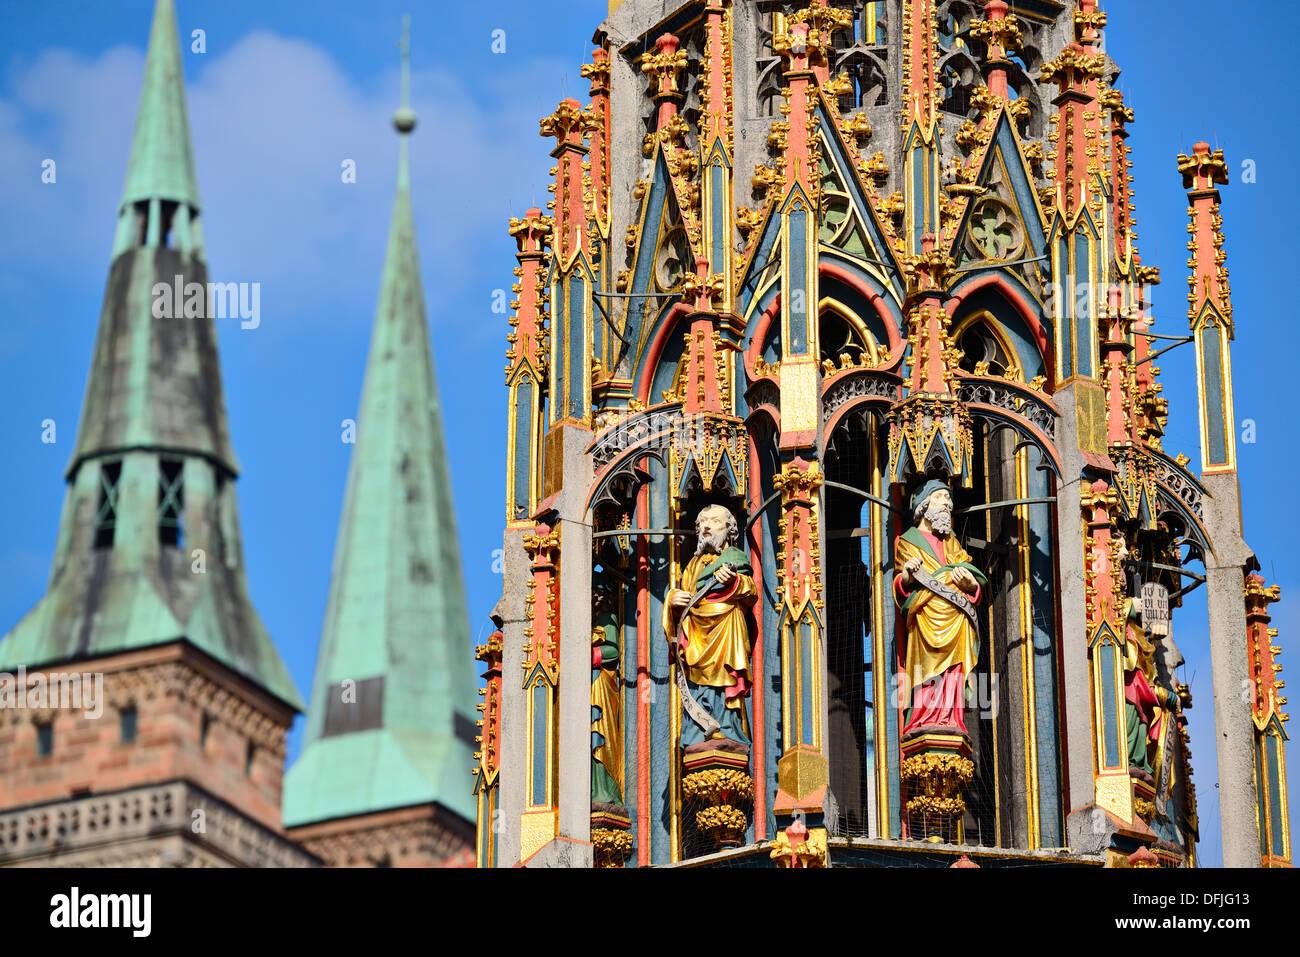 Dettaglio della bella fontana di Norimberga, Germania. Foto Stock